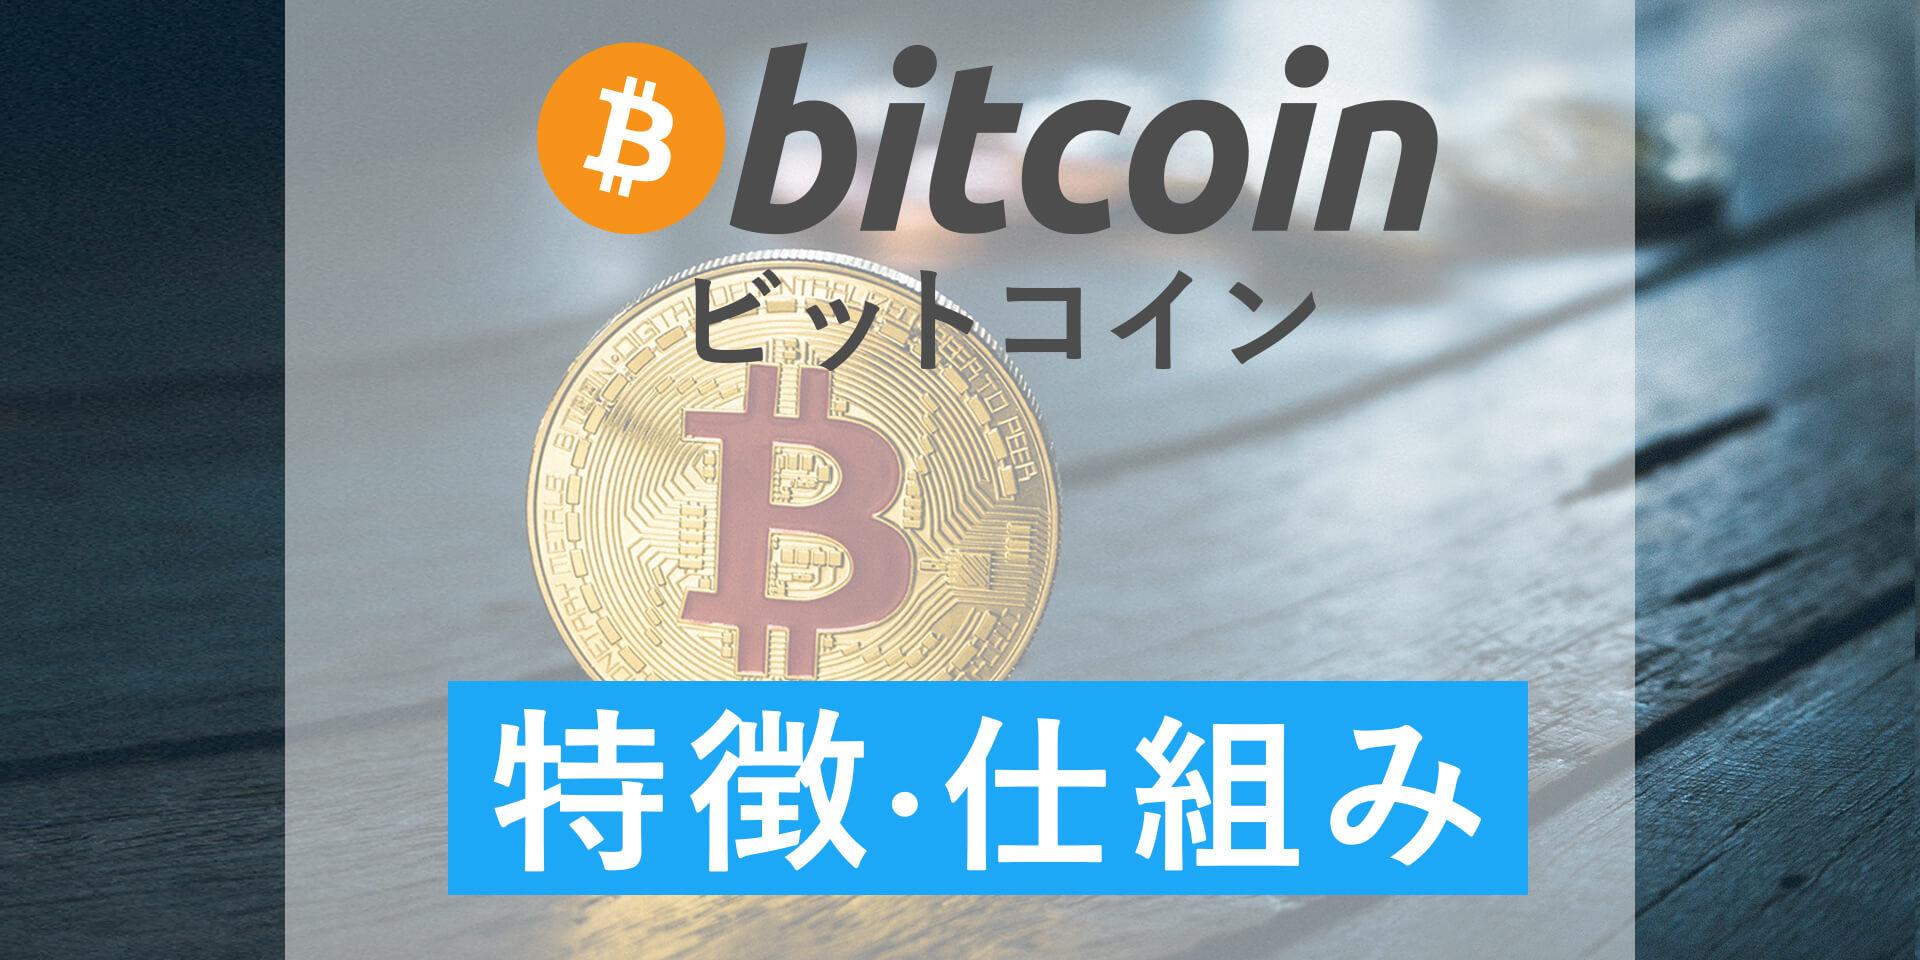 ビットコイン(Bitcoin)とは?サトシ・ナカモトの信念を実現させる仮想通貨について徹底解説!